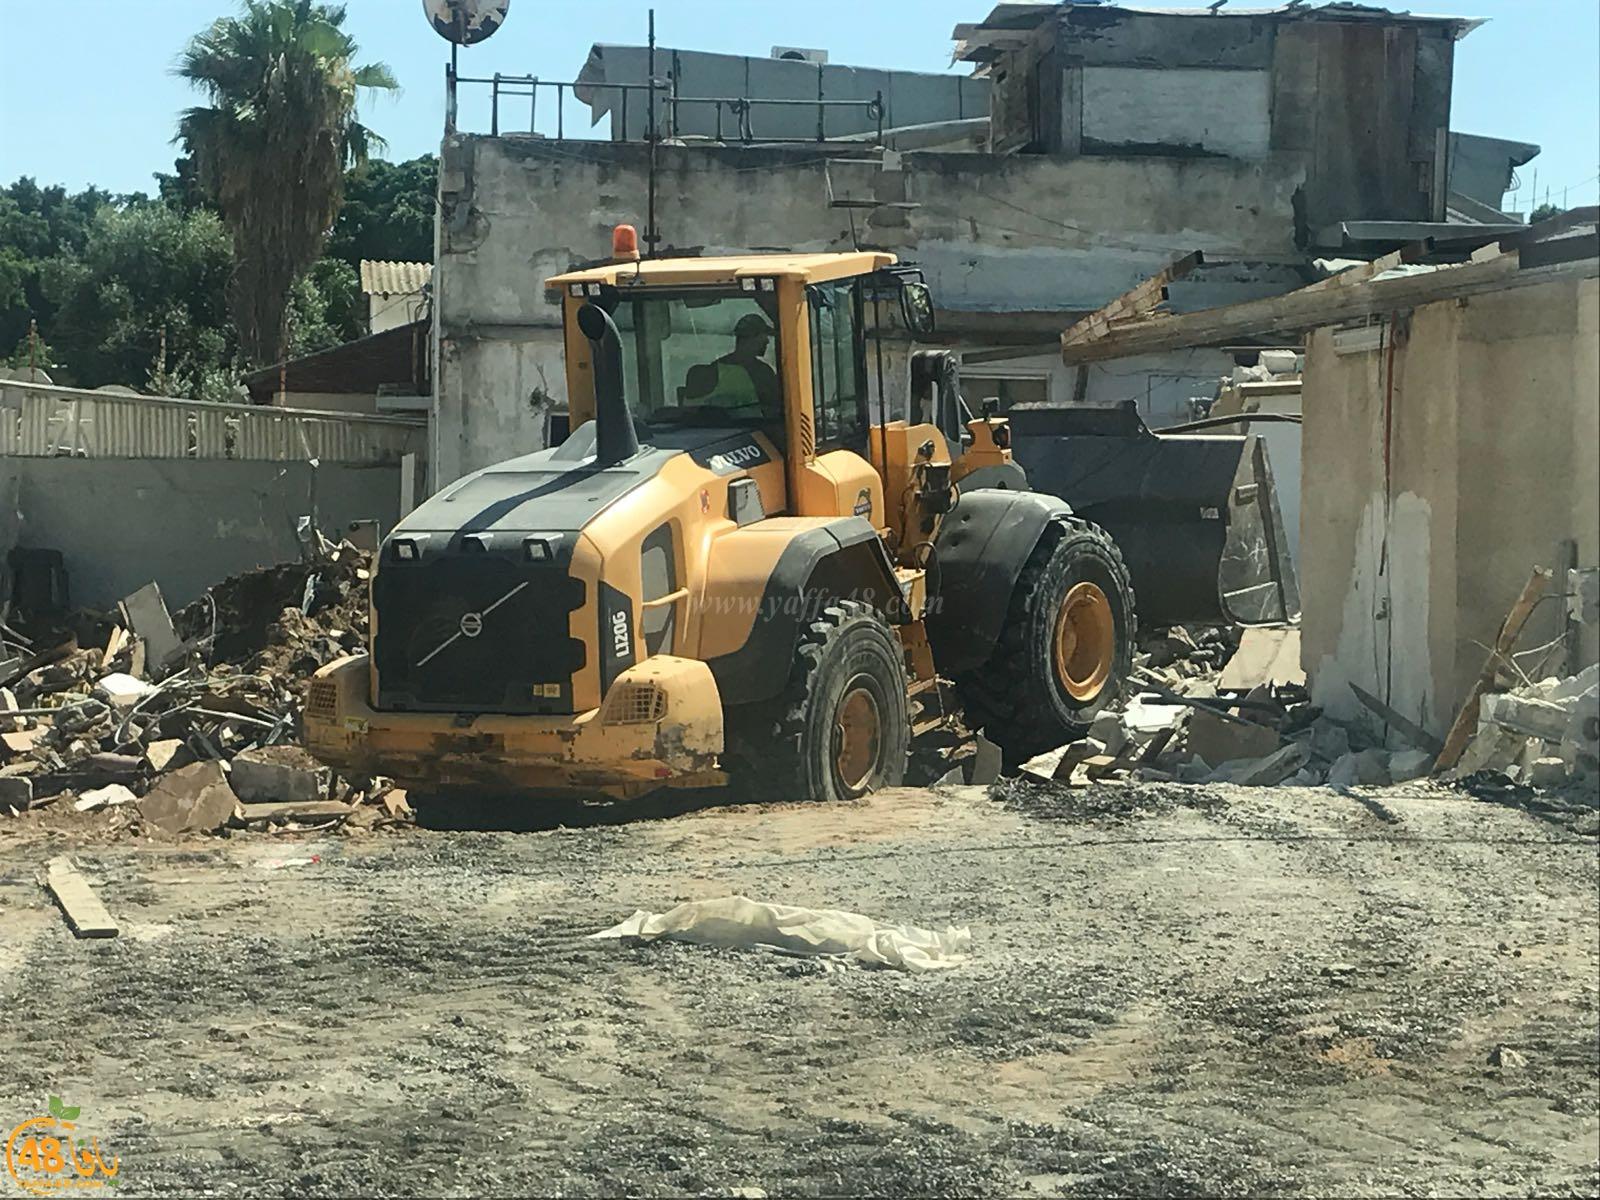 بالفيديو: هدم مبنى غير مسكون في حي النزهة بيافا لإقامة مشروع سكني ضخم